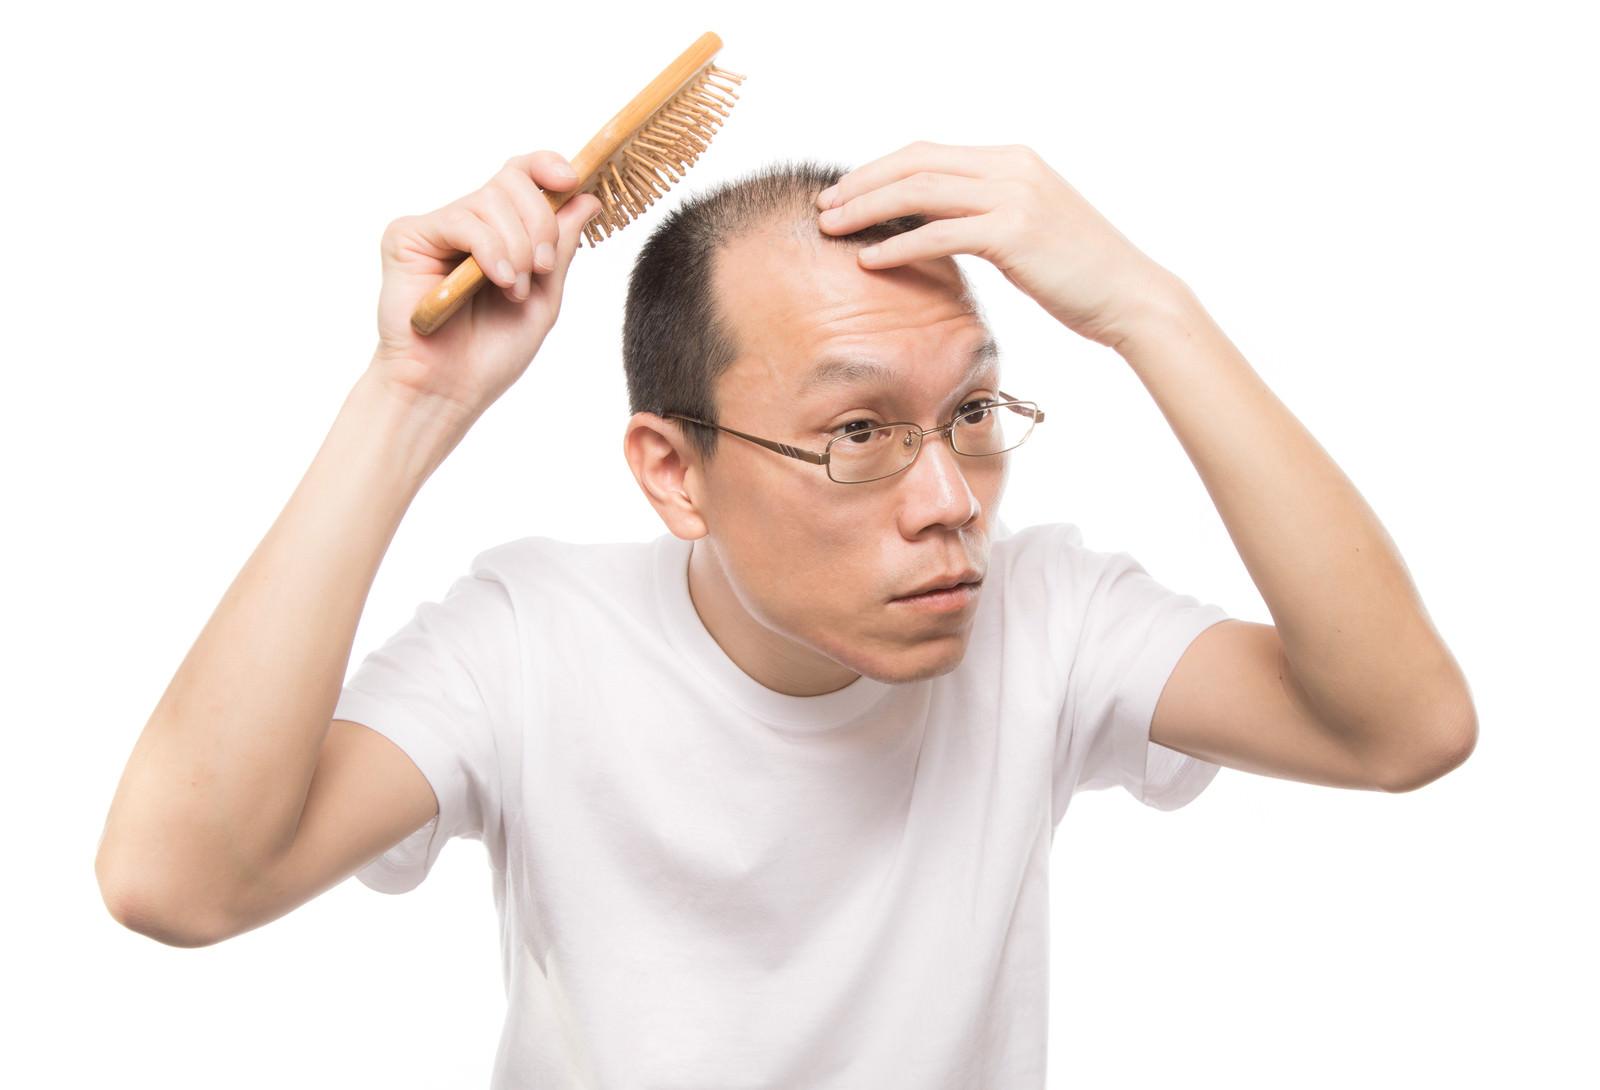 「頭皮ケアブラシでマッサージする薄毛男性 | 写真の無料素材・フリー素材 - ぱくたそ」の写真[モデル:サンライズ鈴木]